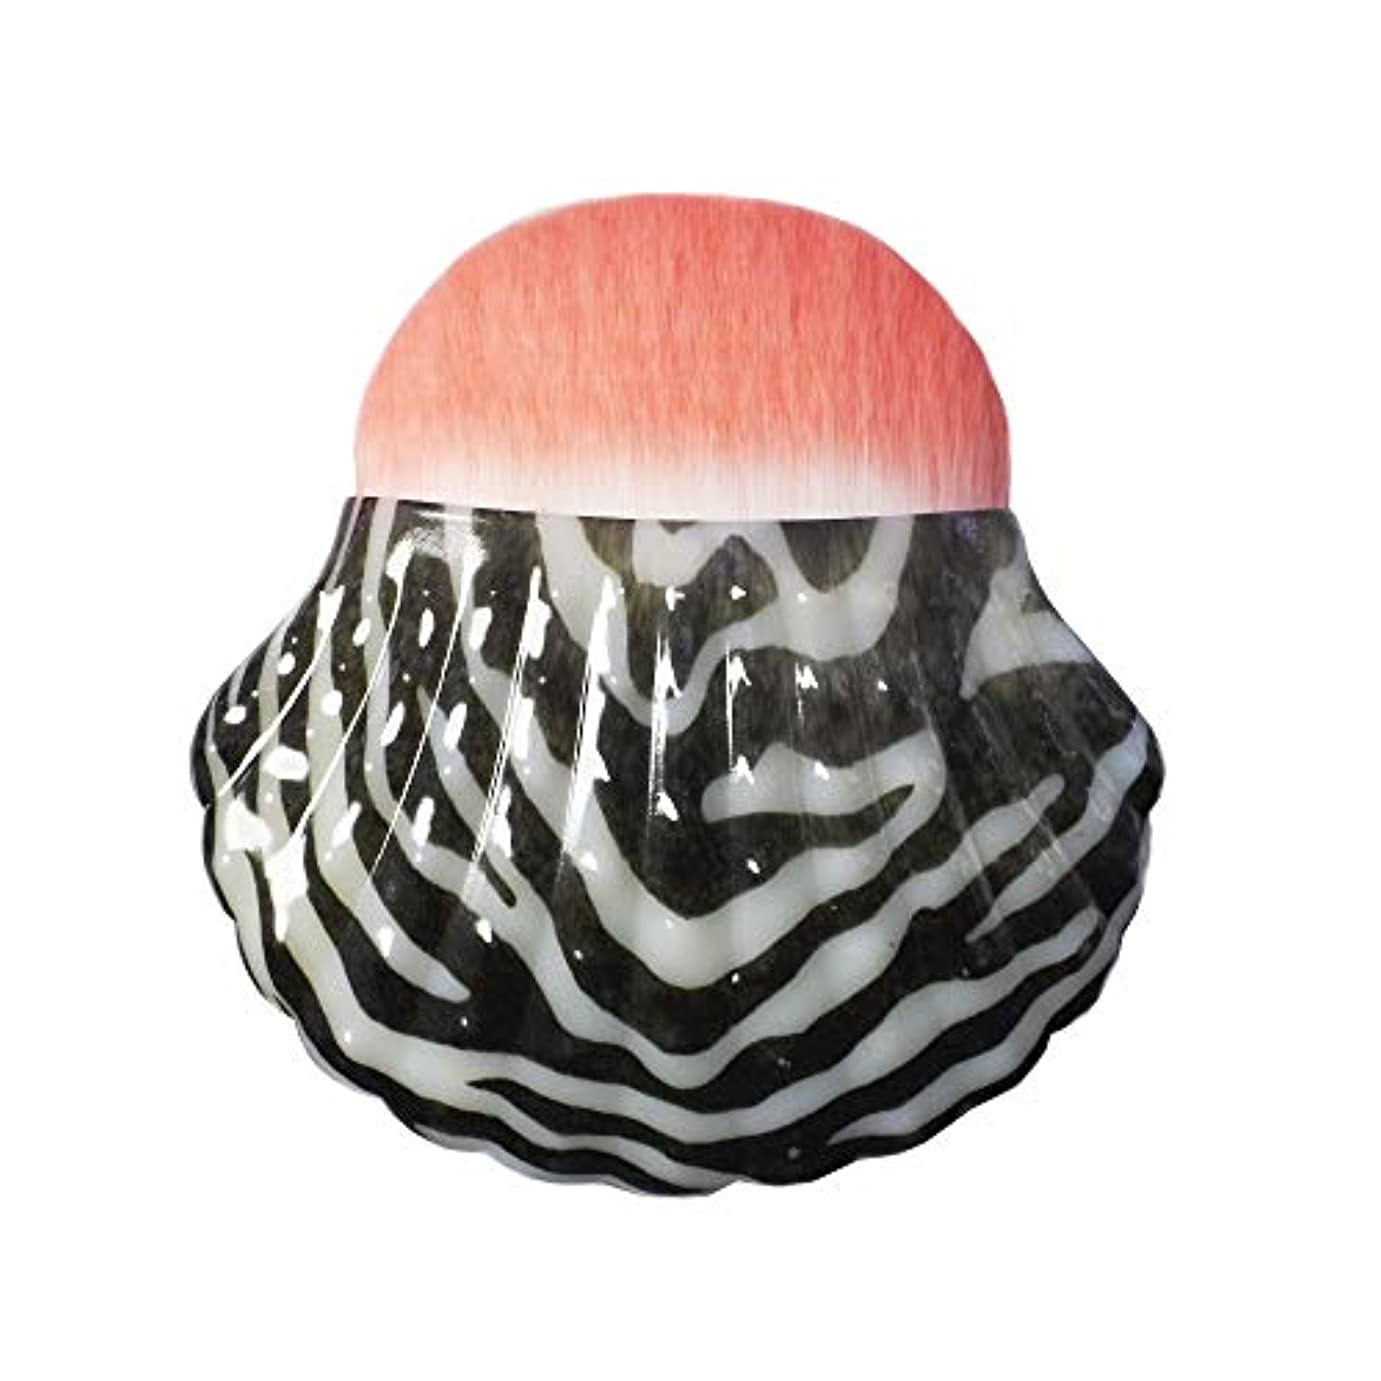 ことわざりんご端Makeup brushes 黒と白のパターン、個々のシェルタイプブラッシュブラシ美容メイクブラシツールポータブル多機能メイクブラシ suits (Color : Leopard)